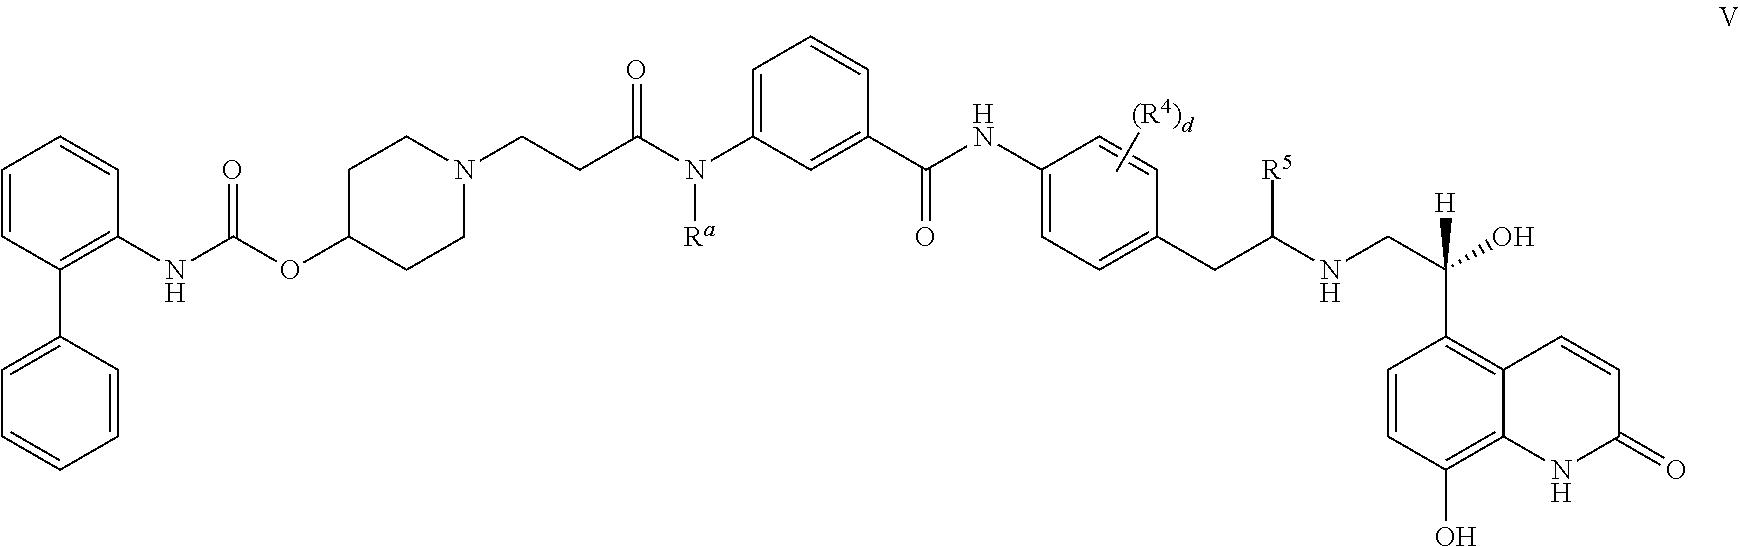 Figure US10138220-20181127-C00357